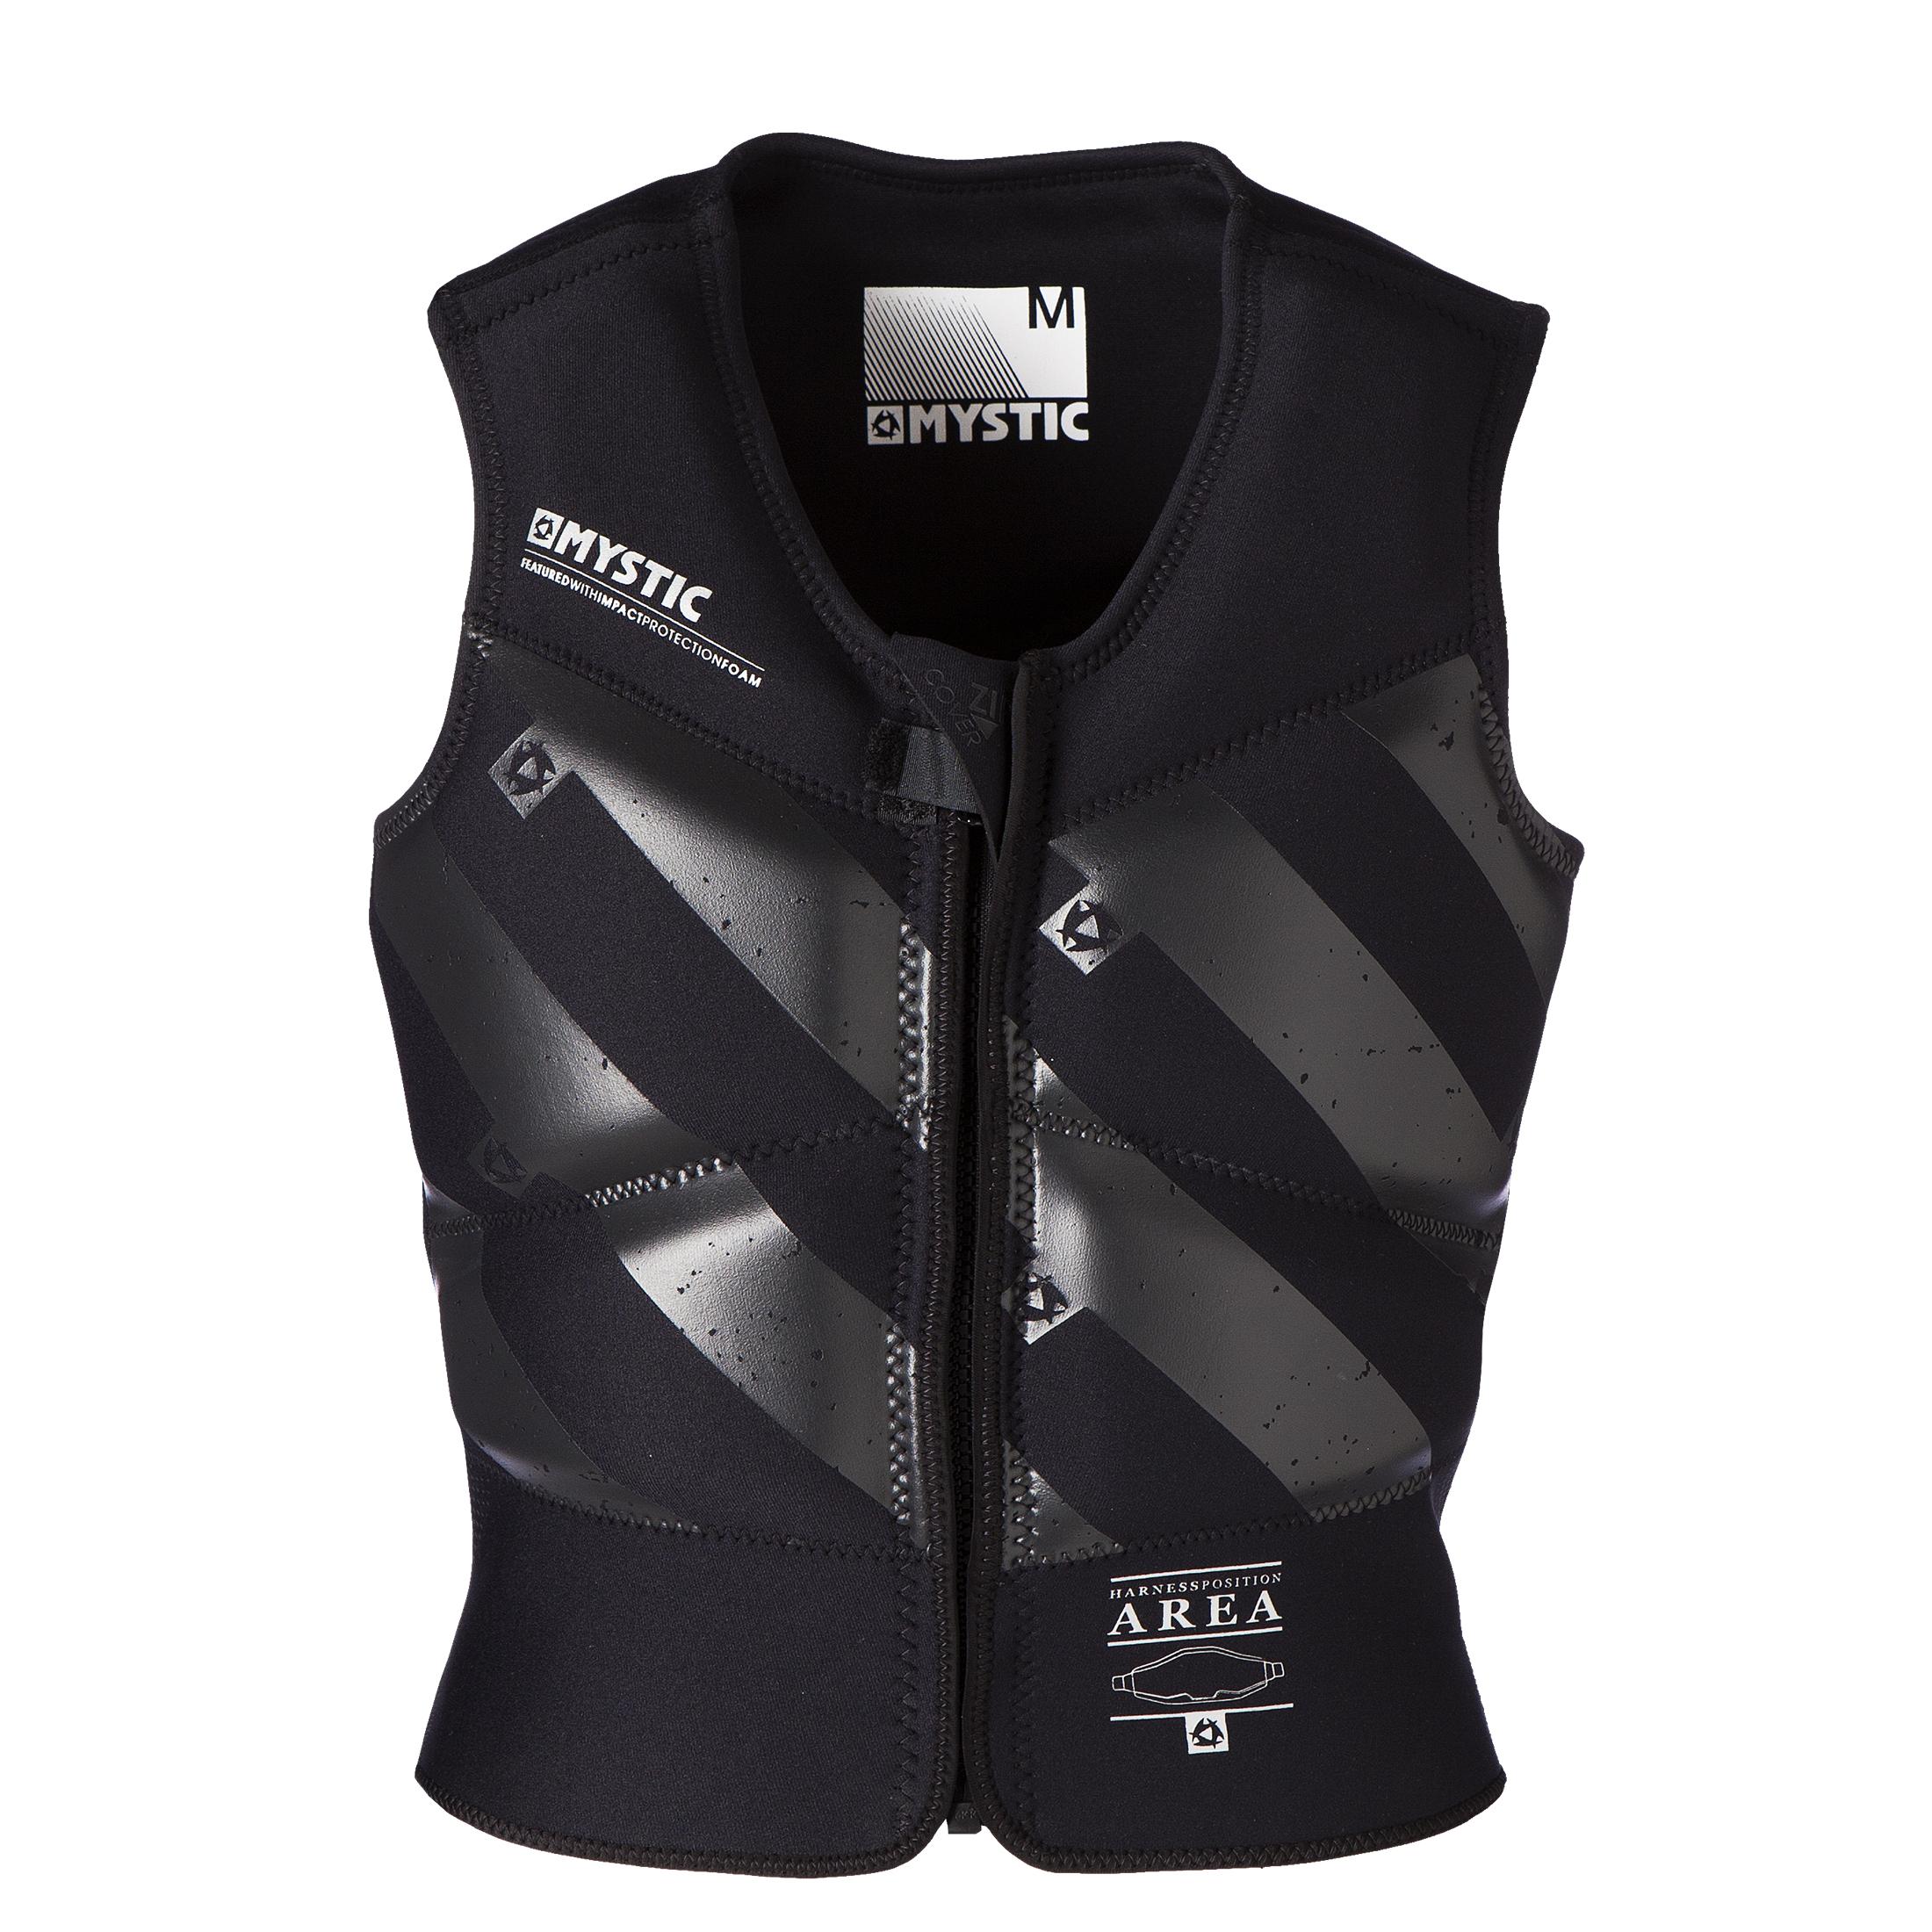 2019 mystic impact vest